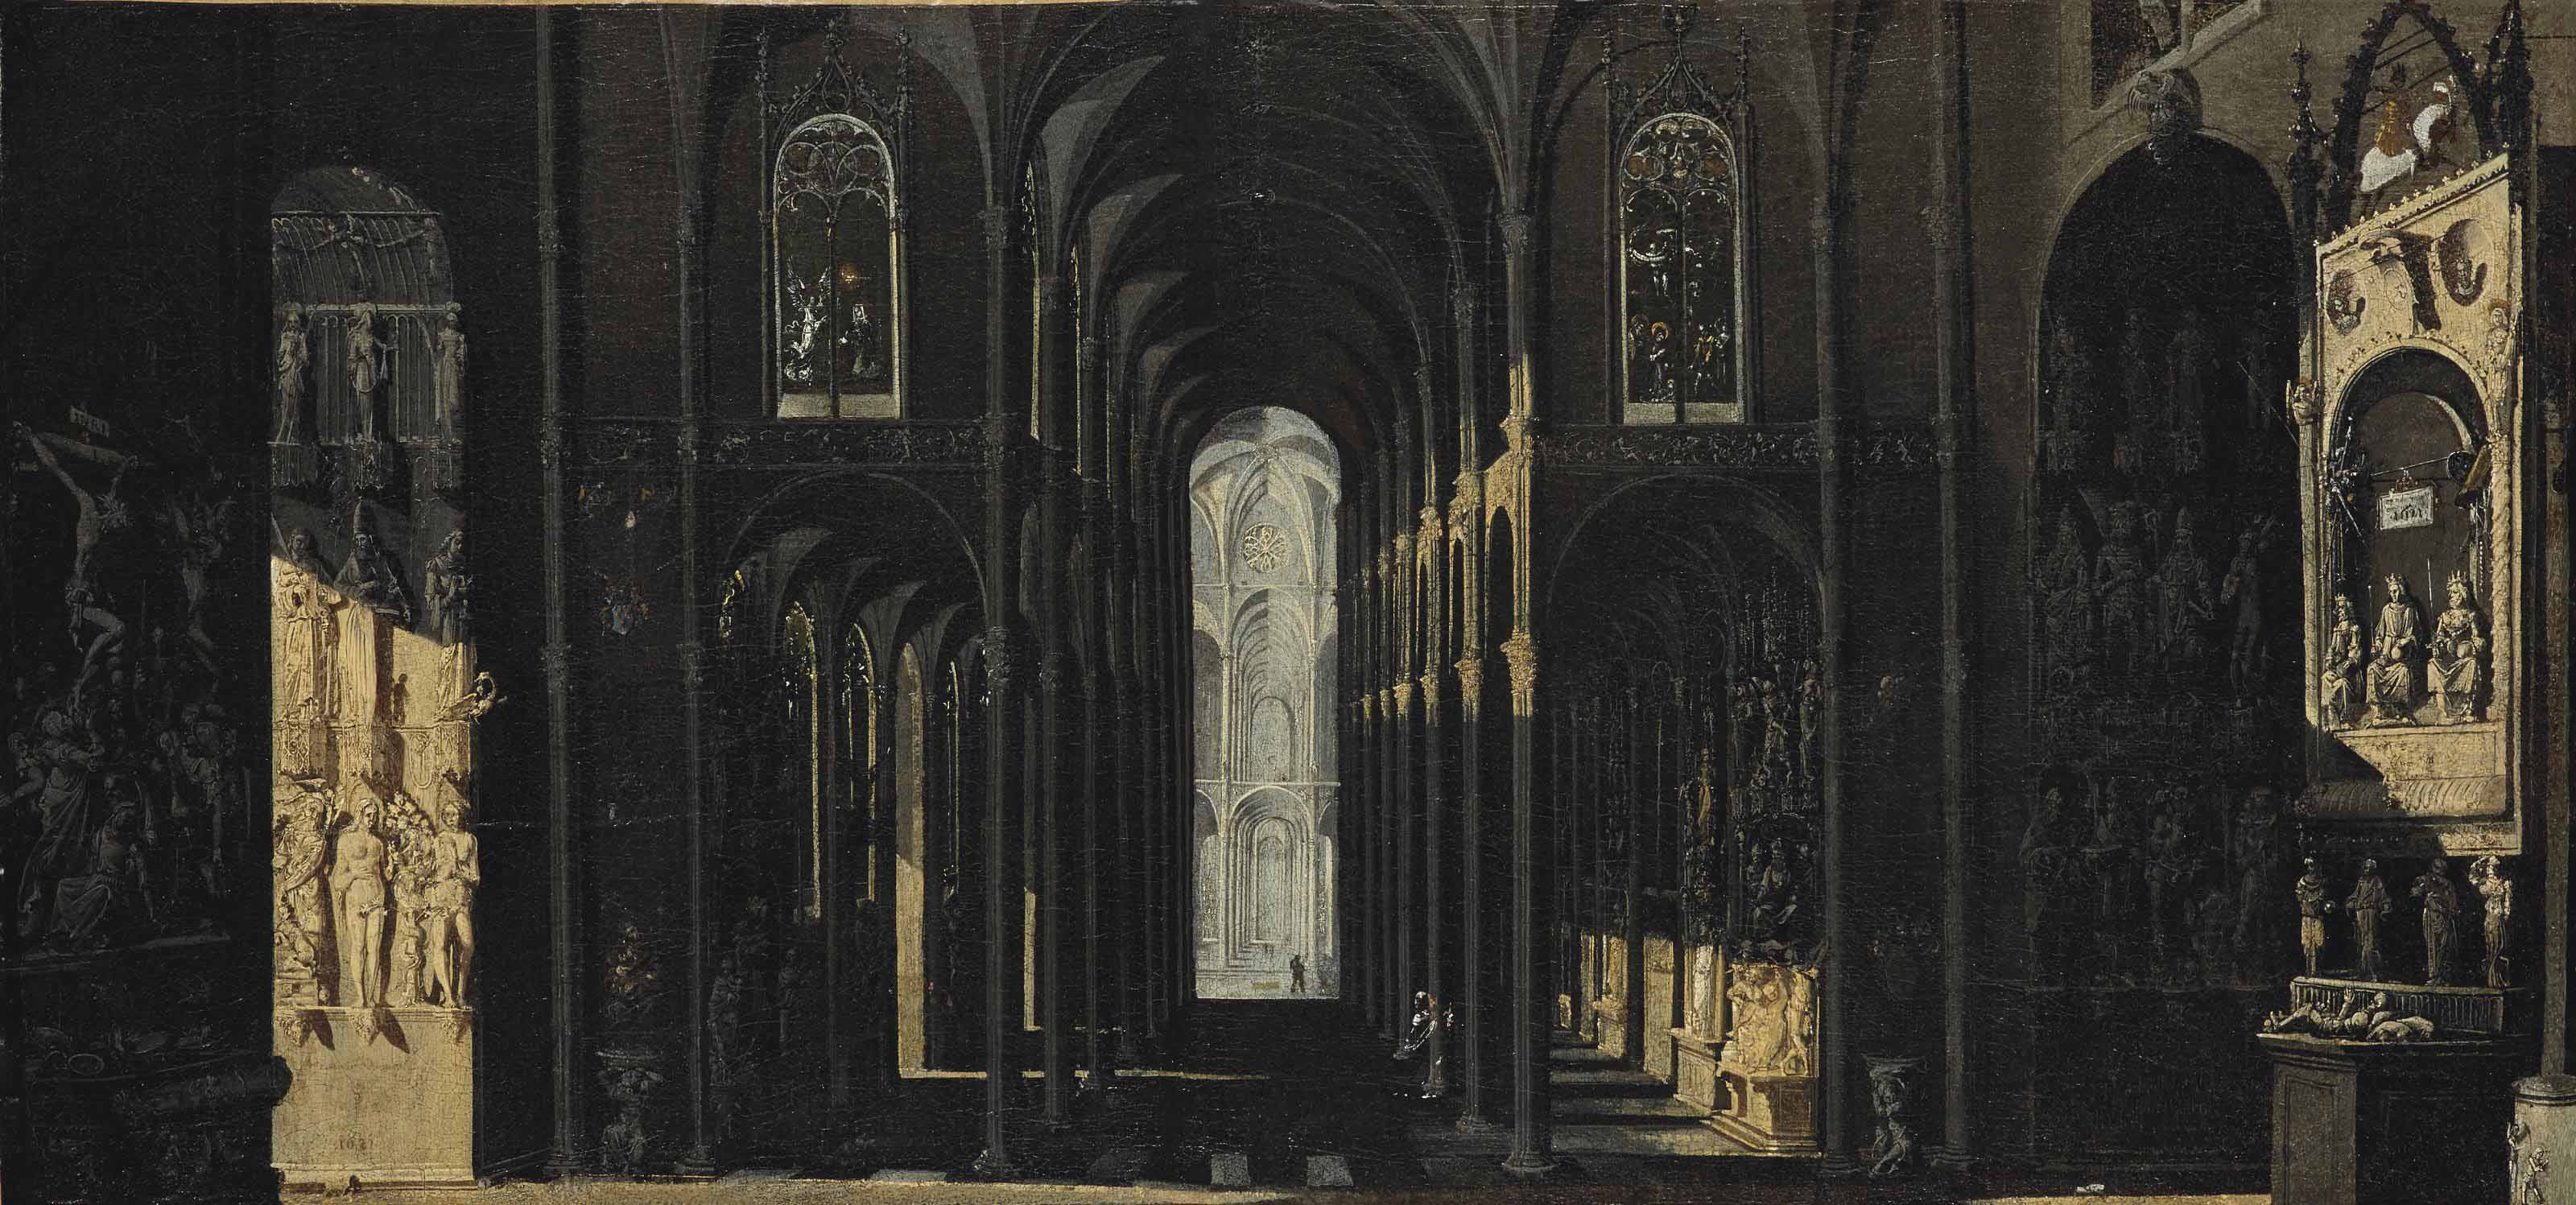 Architecture de fantaisie: un intérieur d'église